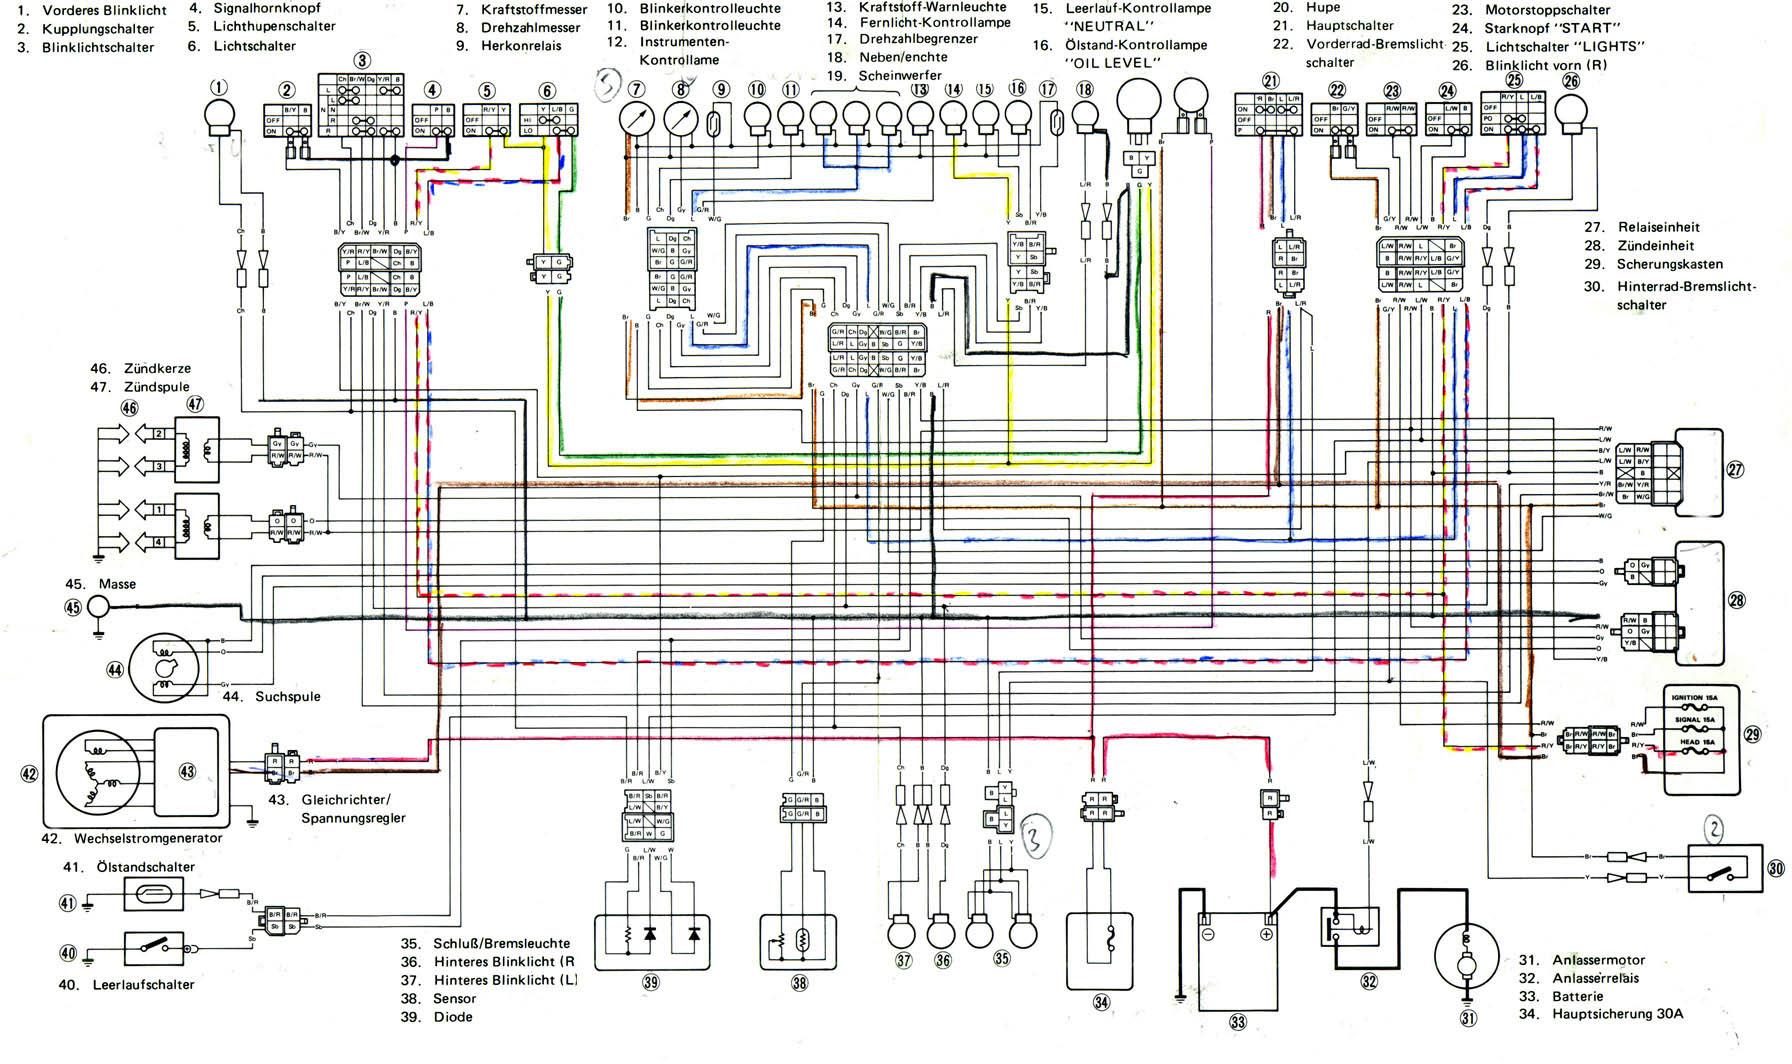 Fein Yamaha 1100 Schaltplan Bilder - Elektrische Schaltplan-Ideen ...